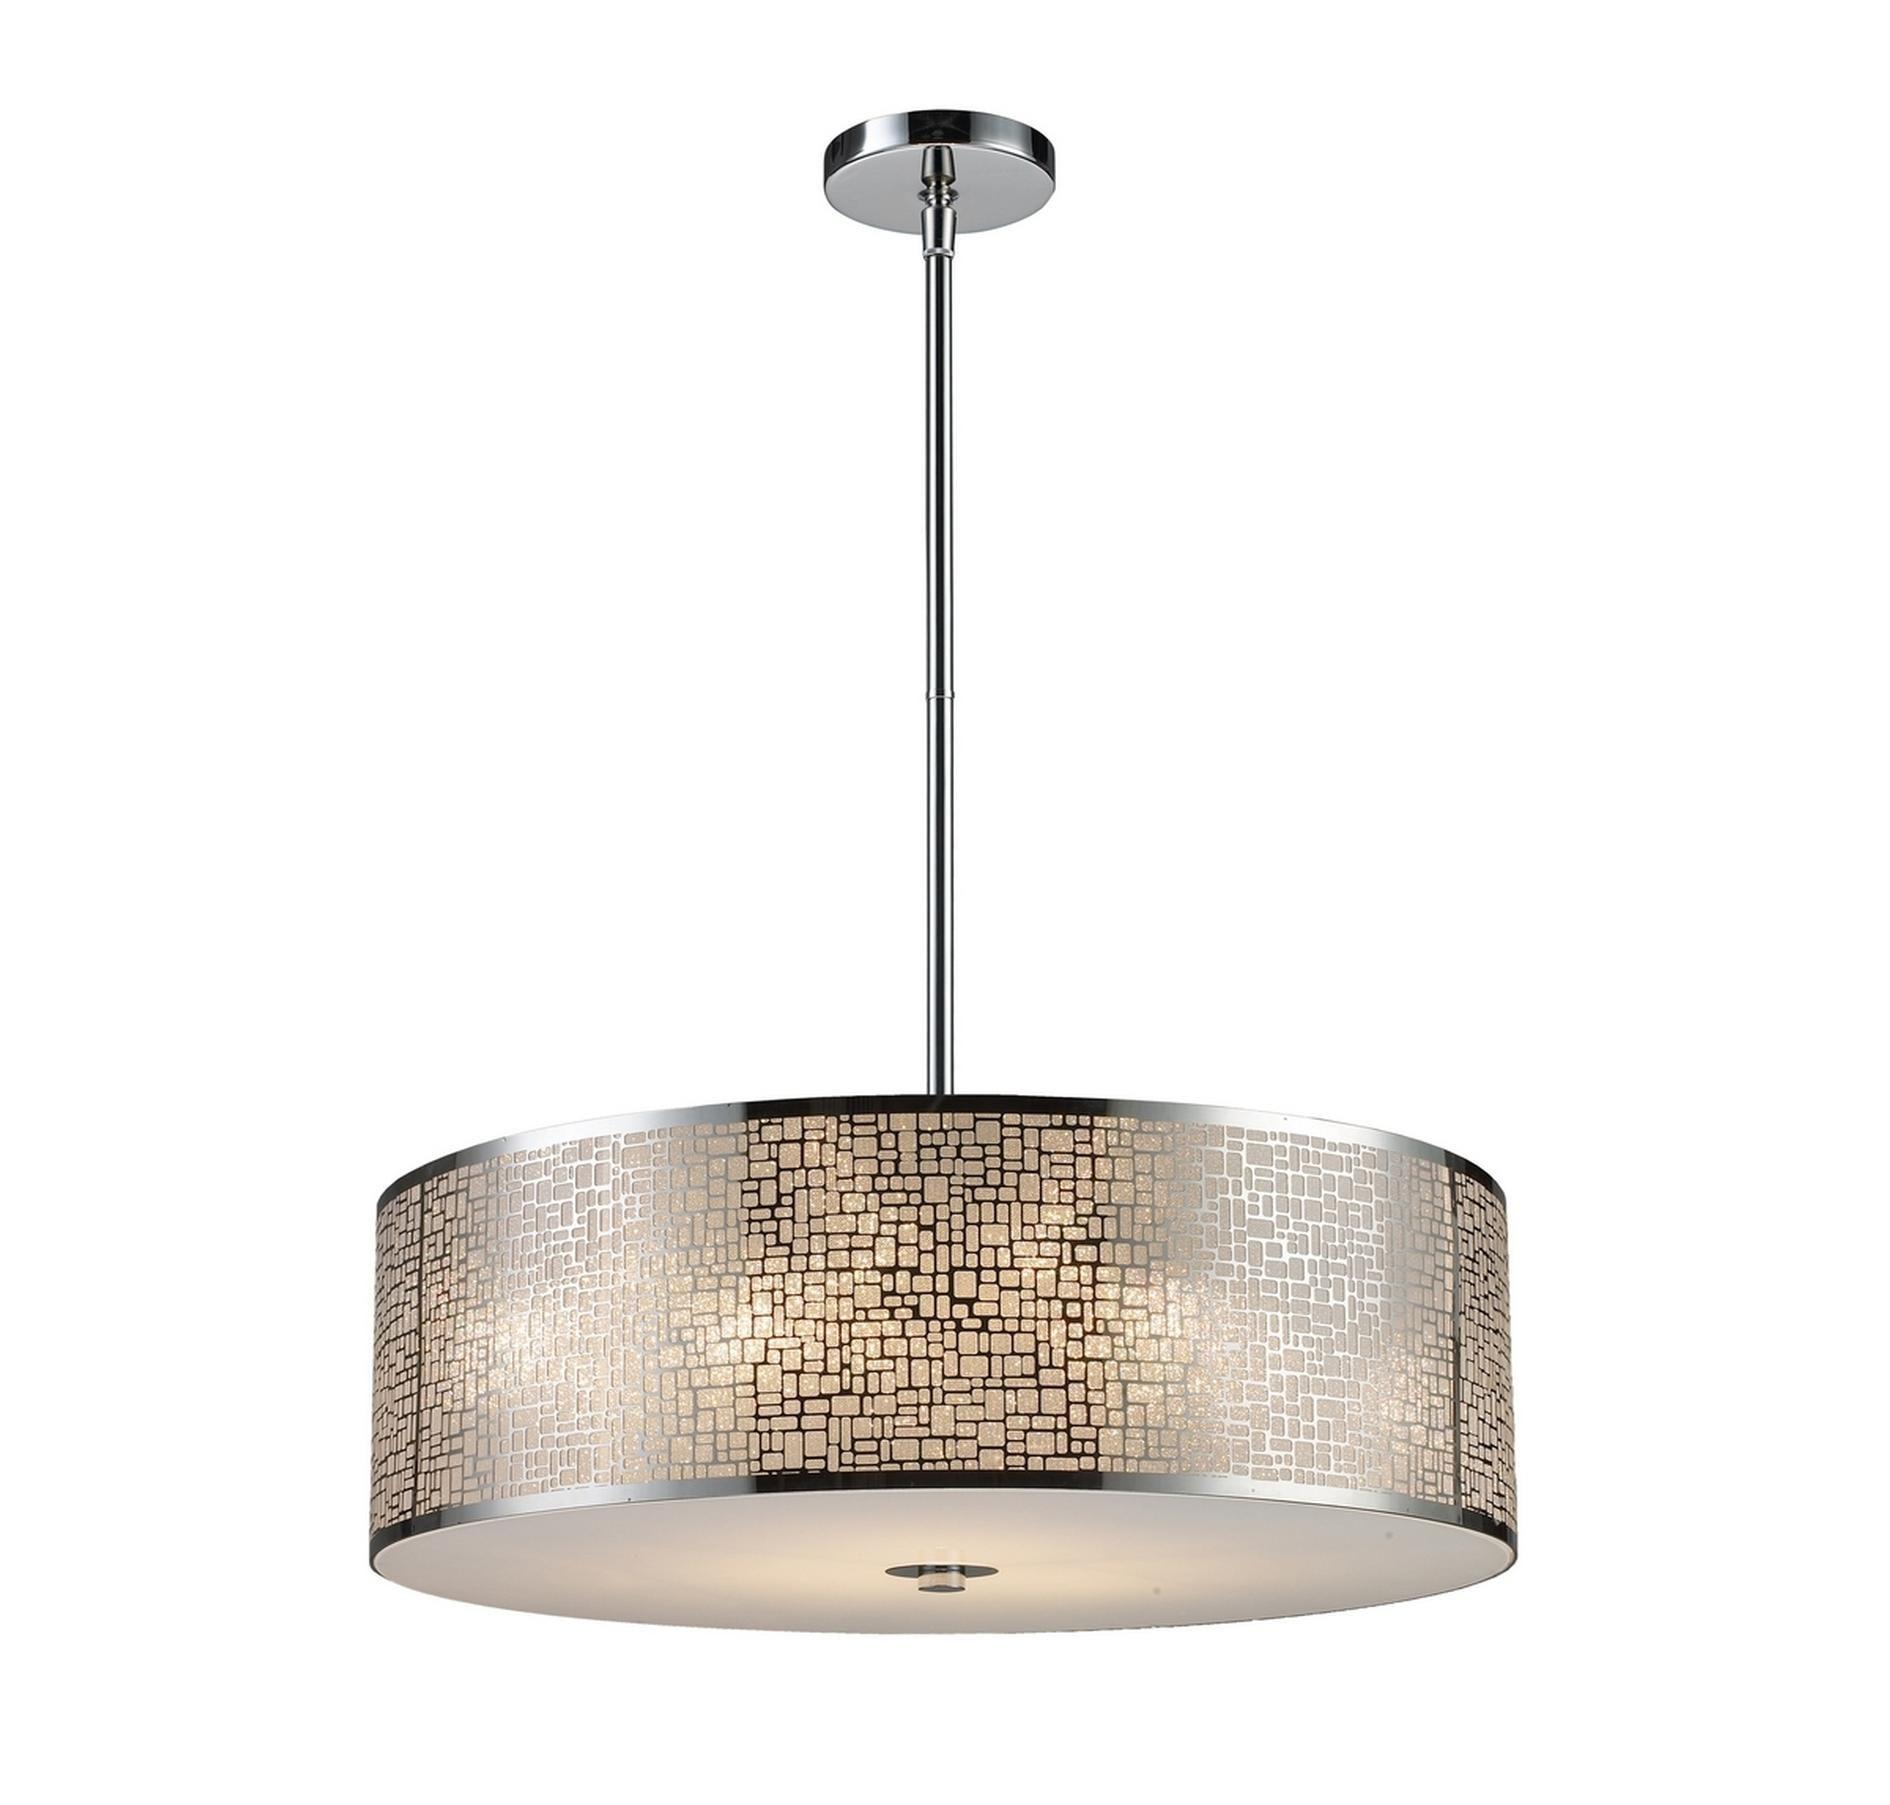 Elk Lighting 31043 5 Medina 5 Lt Pendant In Stainless Steel In Ceiling Lights Pendants Ceili Elk Lighting Stainless Steel Pendant Light Pendant Ceiling Lamp